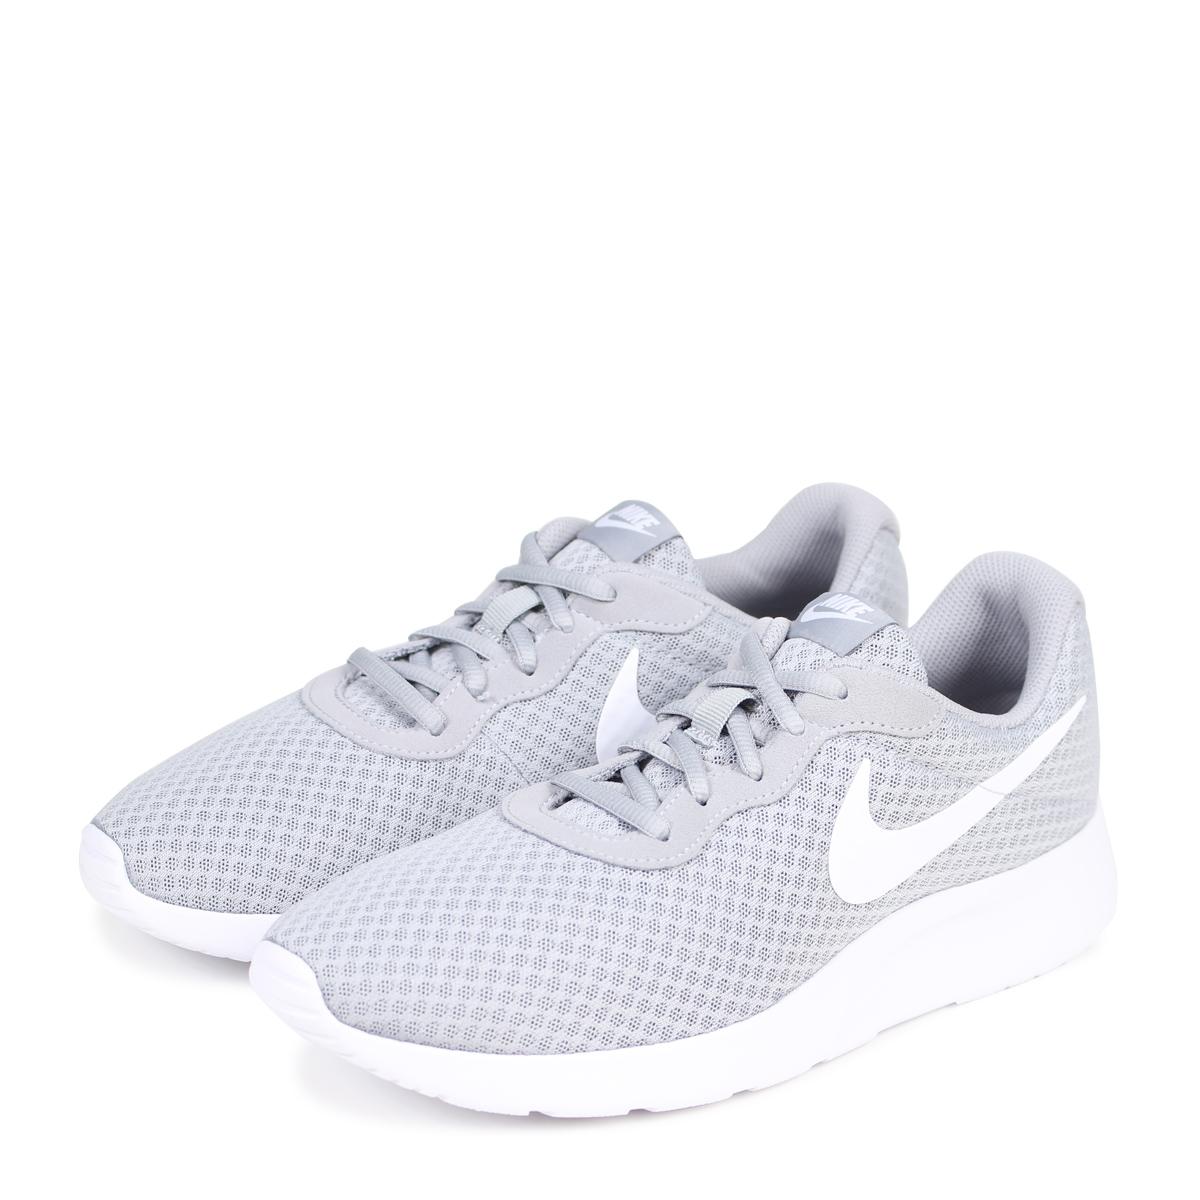 cheap for discount a52a9 71c7f NIKE TANJUN Nike tongue Jun sneakers 812,654-010 mens shoes gray 1012  Shinnyu load